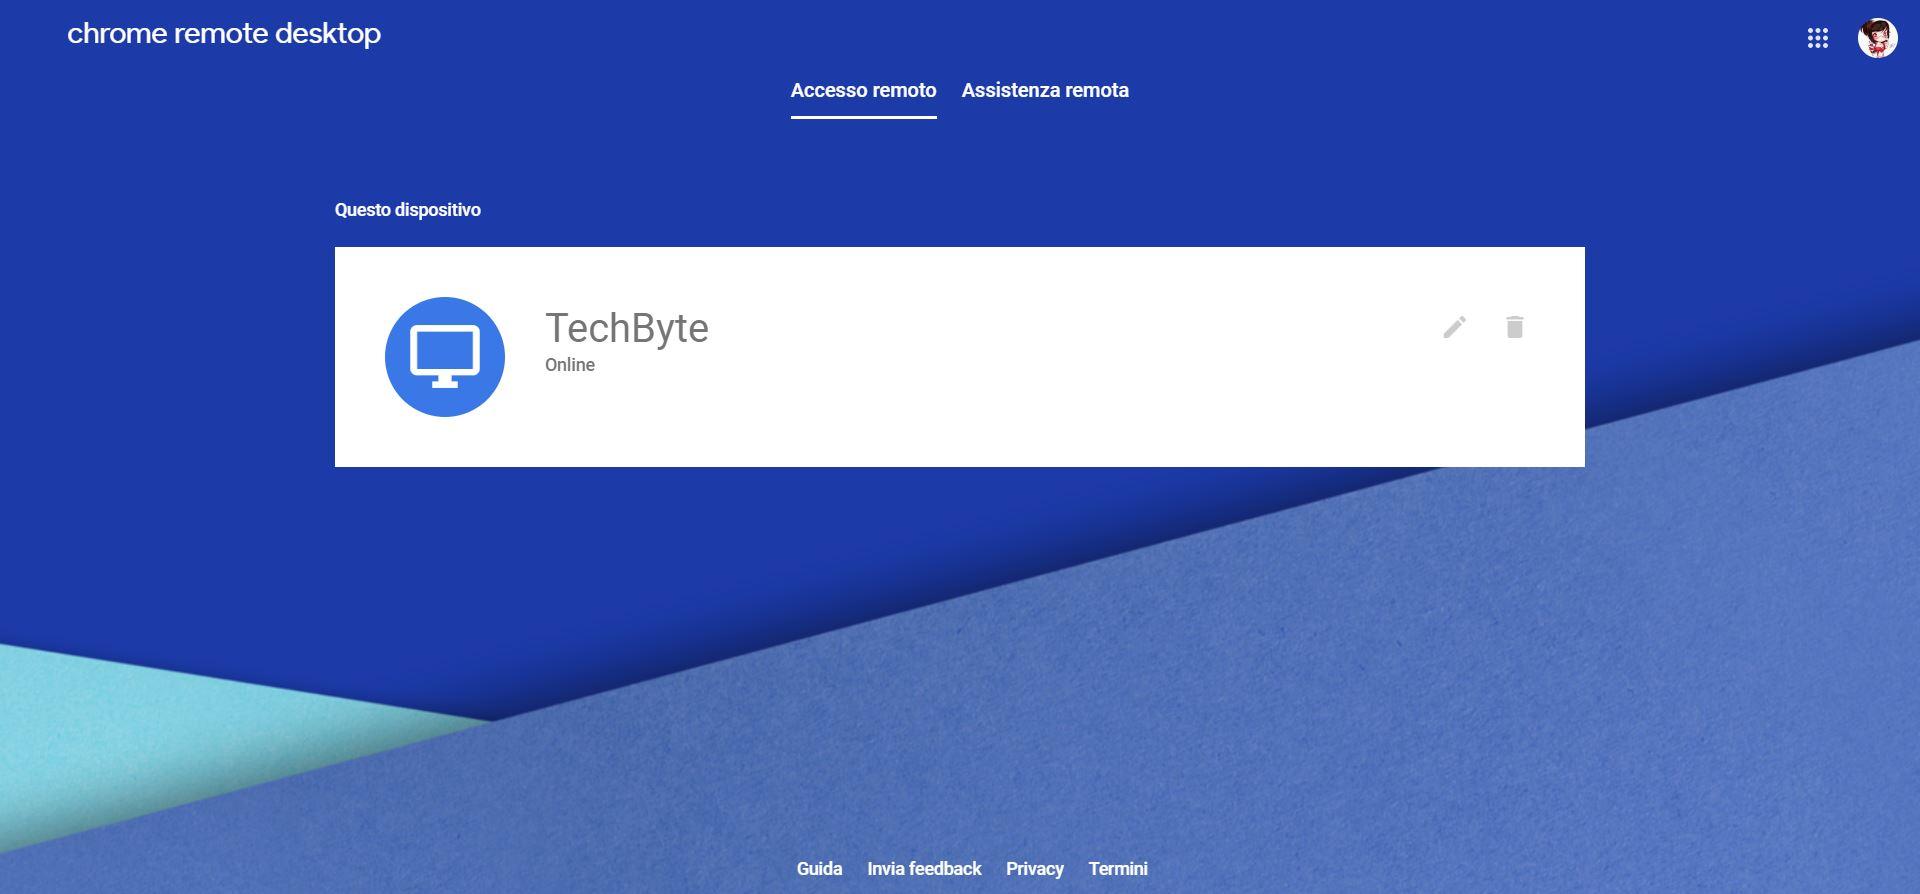 Come accedere a un desktop remoto con Chrome Remote Desktop 4